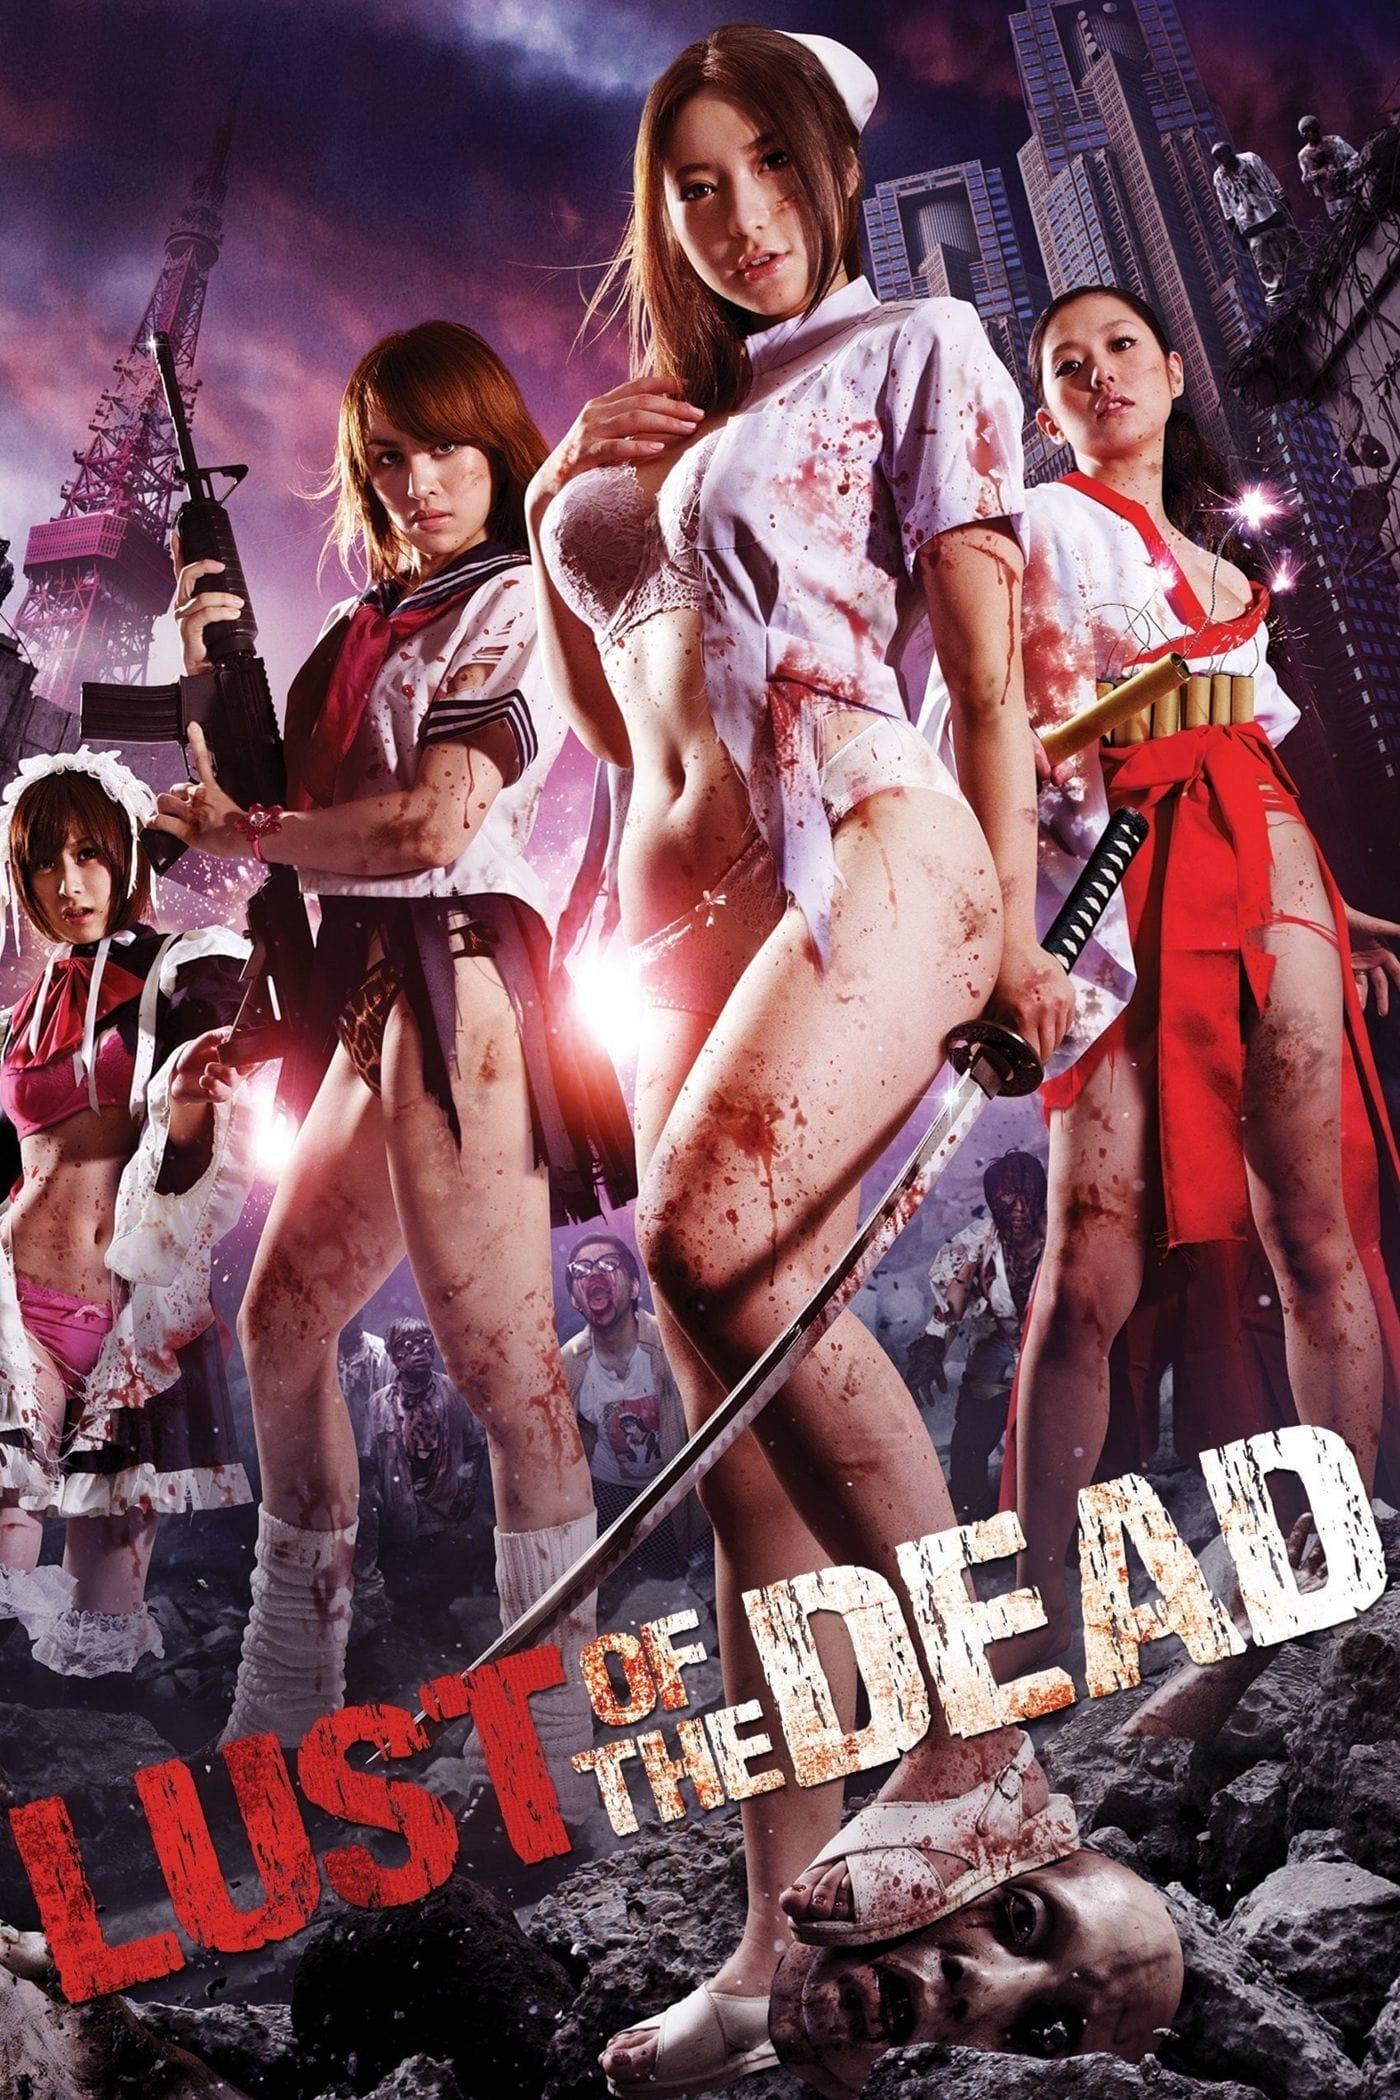 Rape Zombie: Lust of the Dead